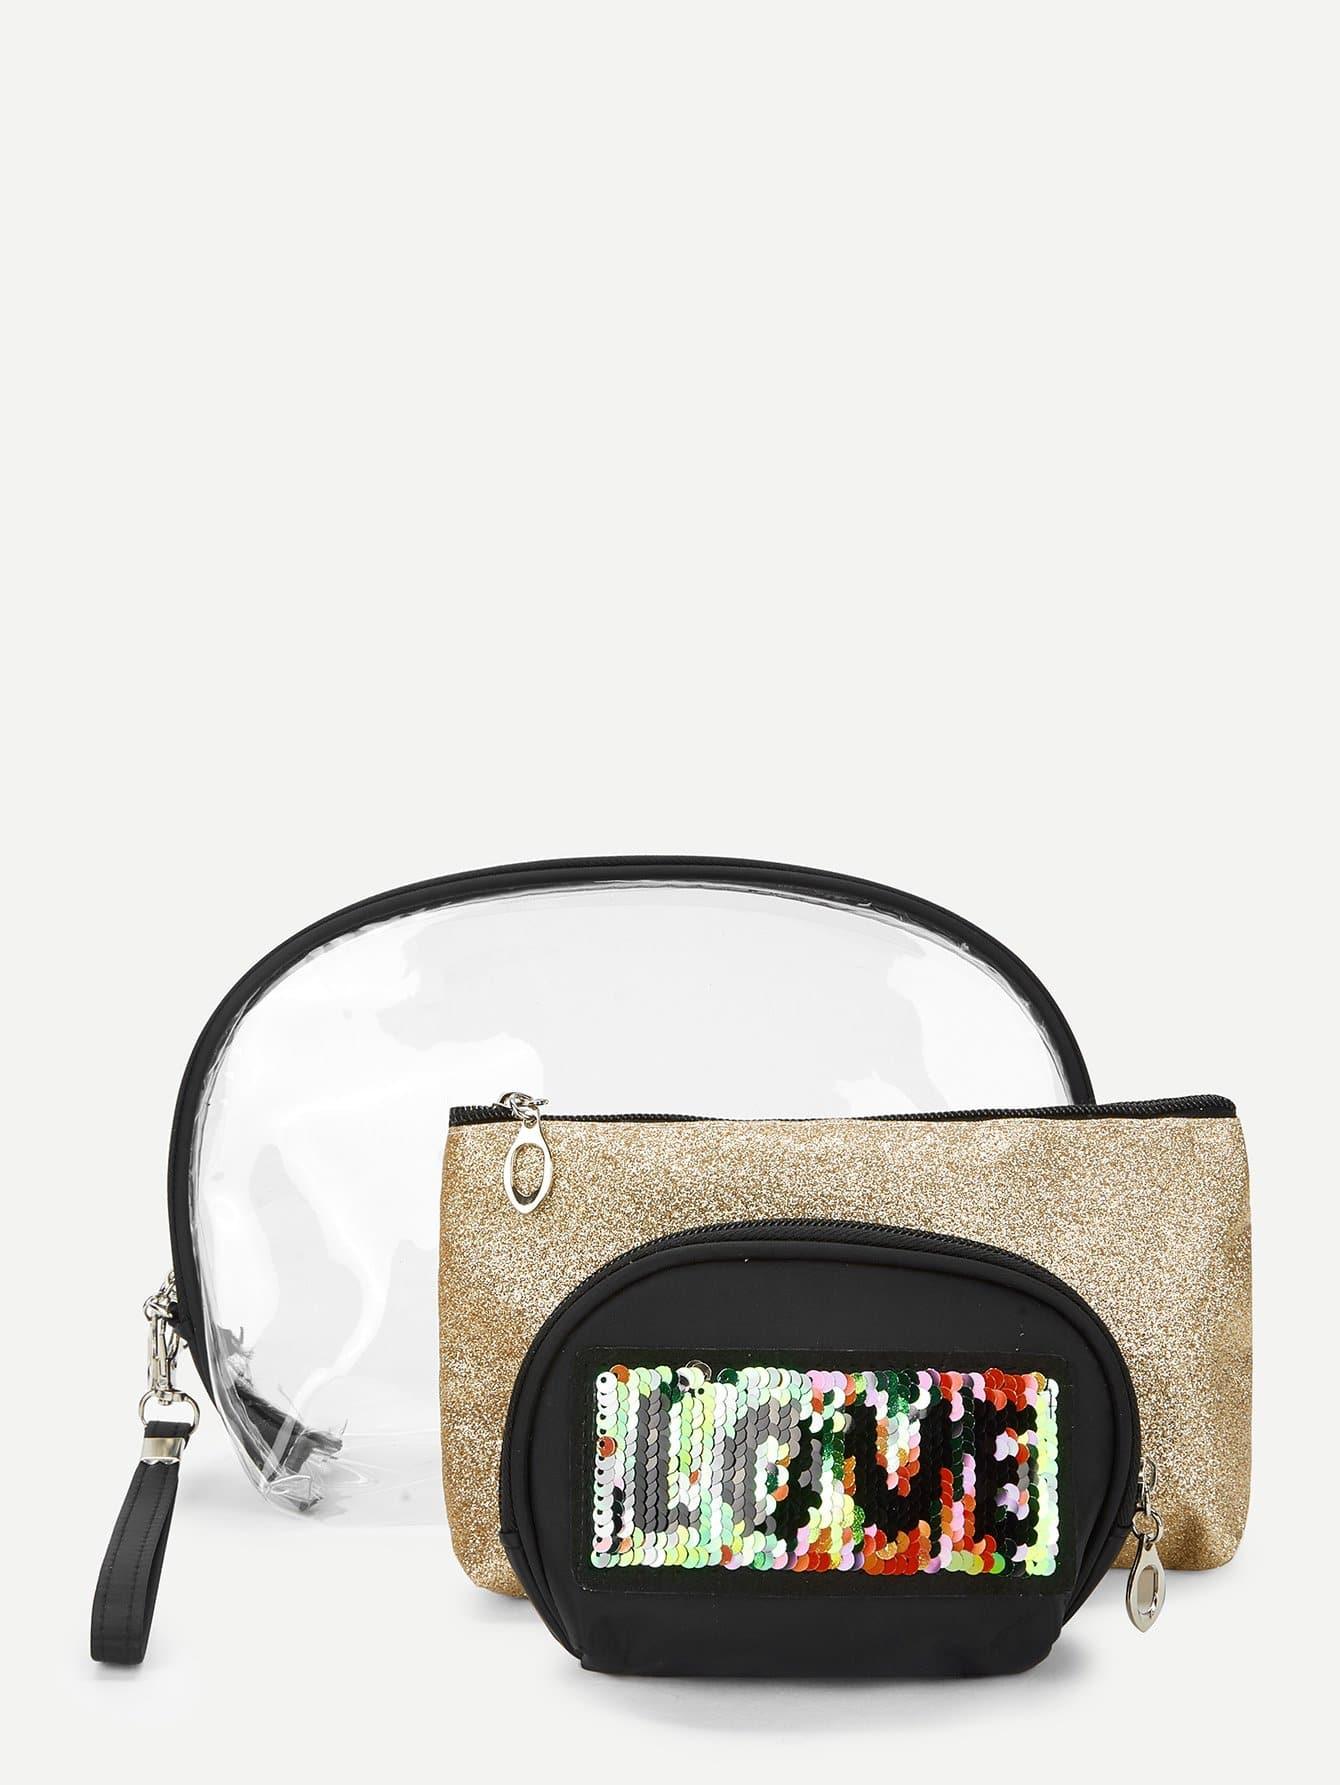 Sequin Decorated Makeup Bag 3pcs